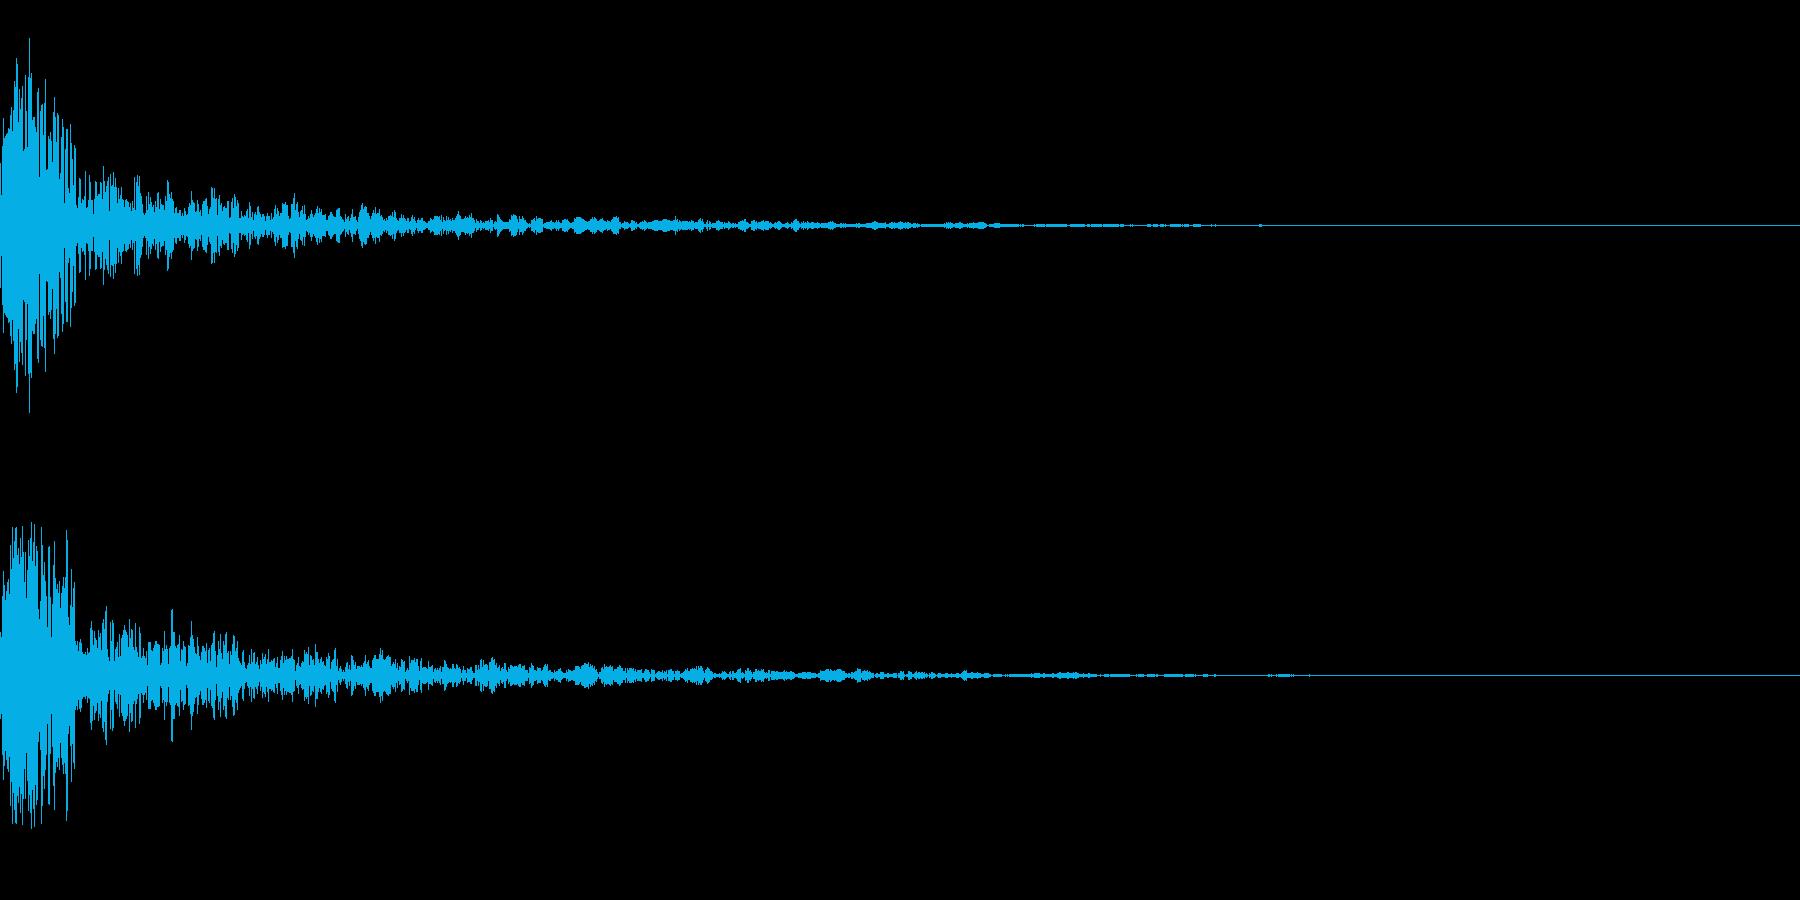 ドーン-51-1(インパクト音)の再生済みの波形